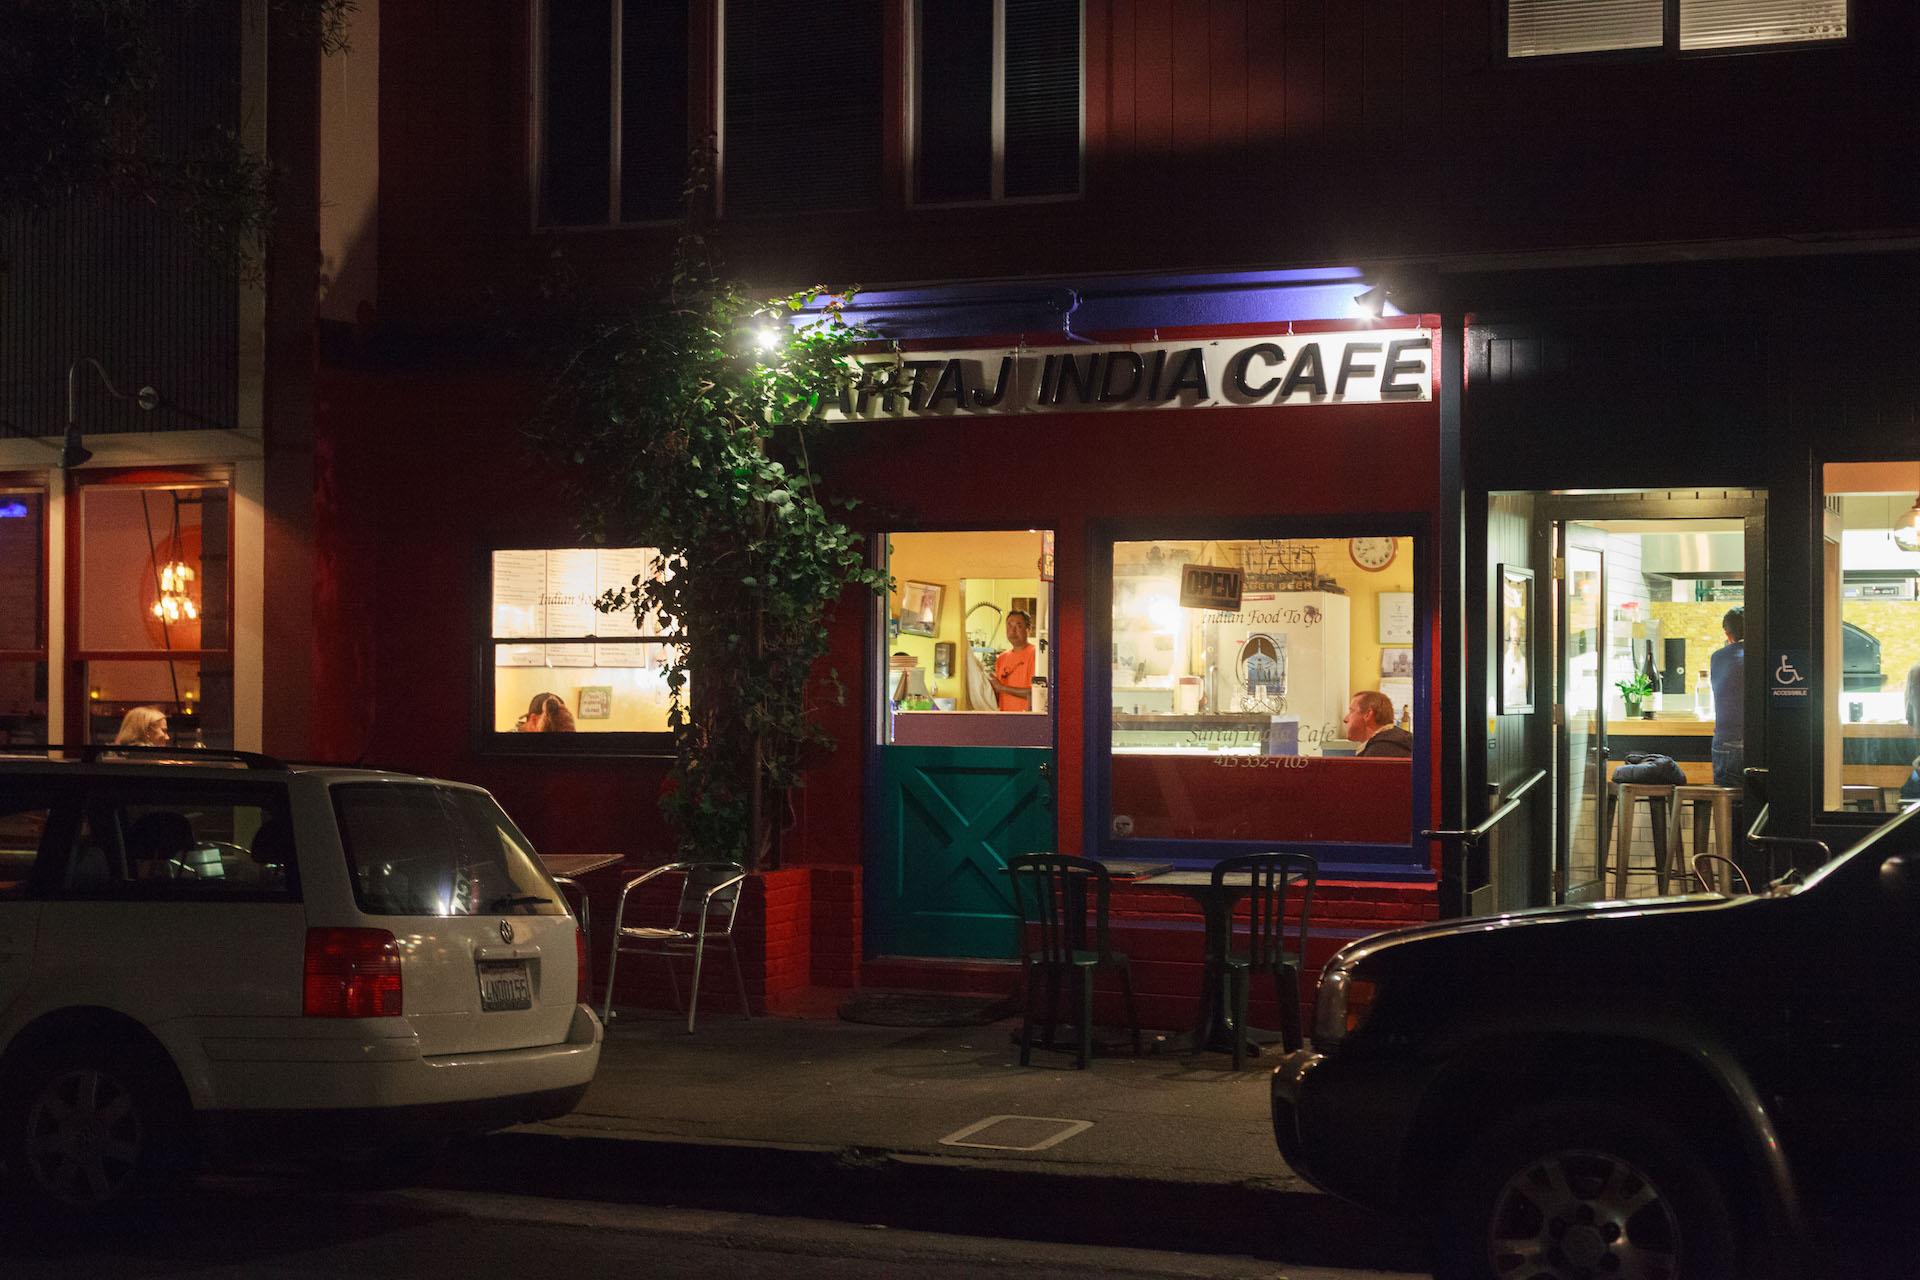 Sartaj India Cafe in Sausalito.